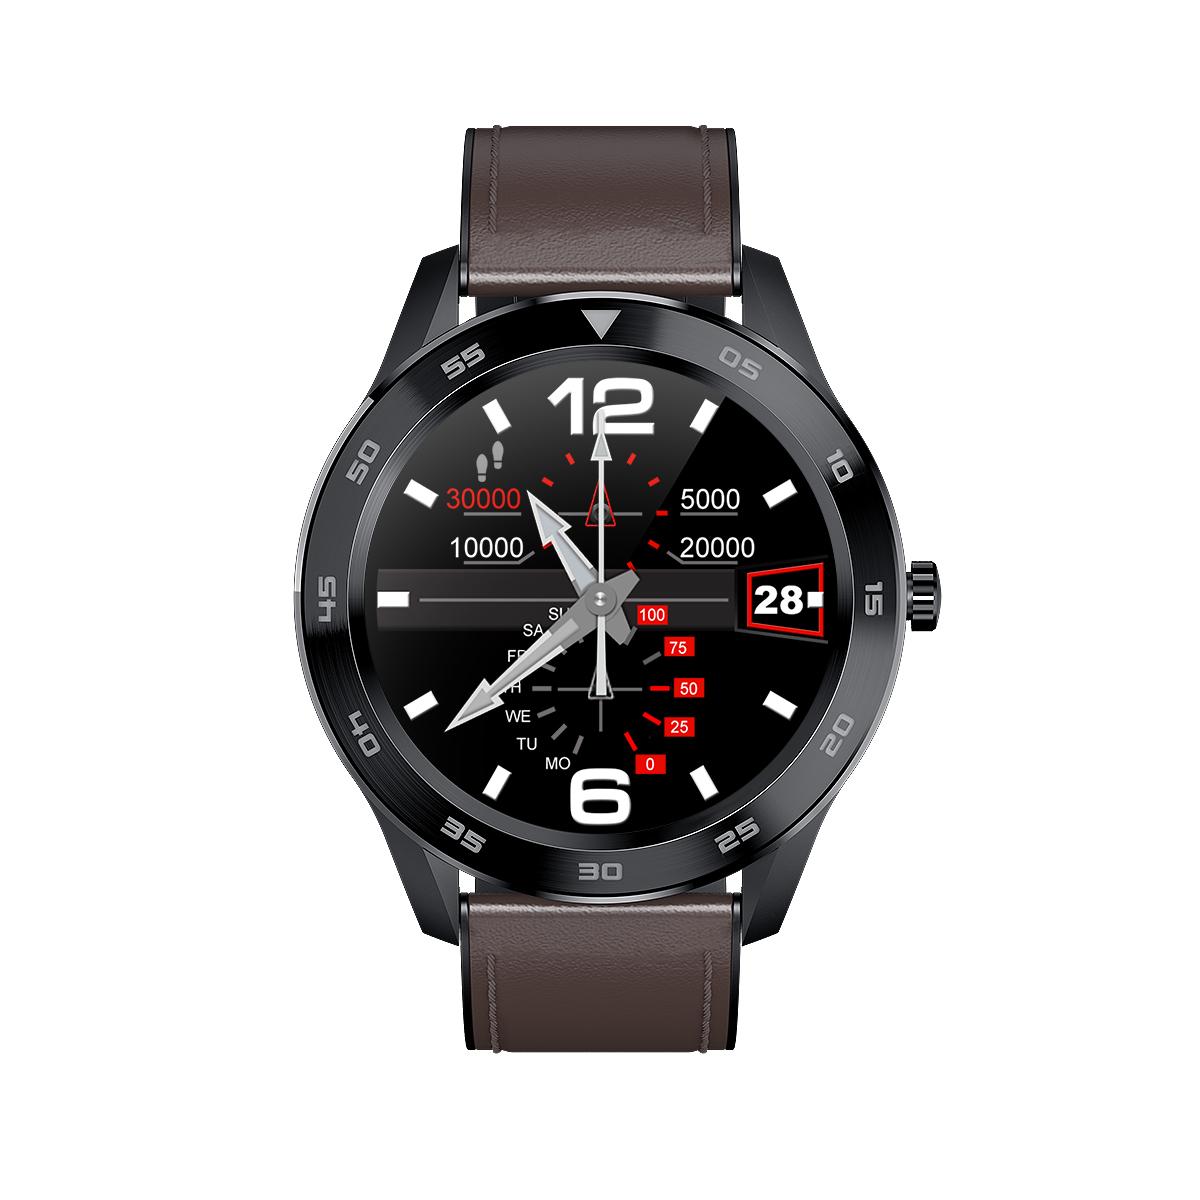 GPS 定位跑步运动健康男女防水苹果安卓通用多功能电子表 智能手表